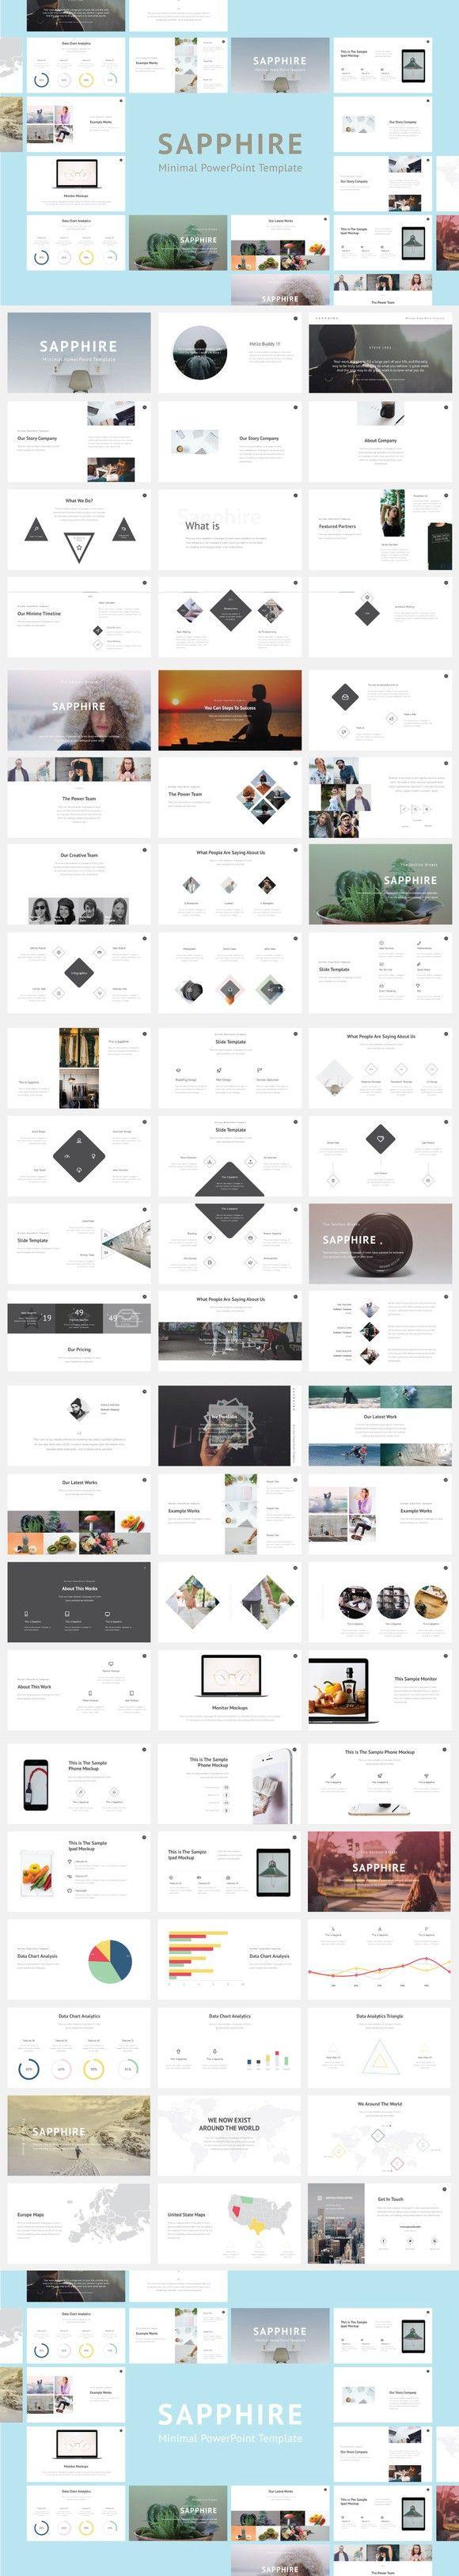 Die besten 25+ Powerpoint website Ideen auf Pinterest ...